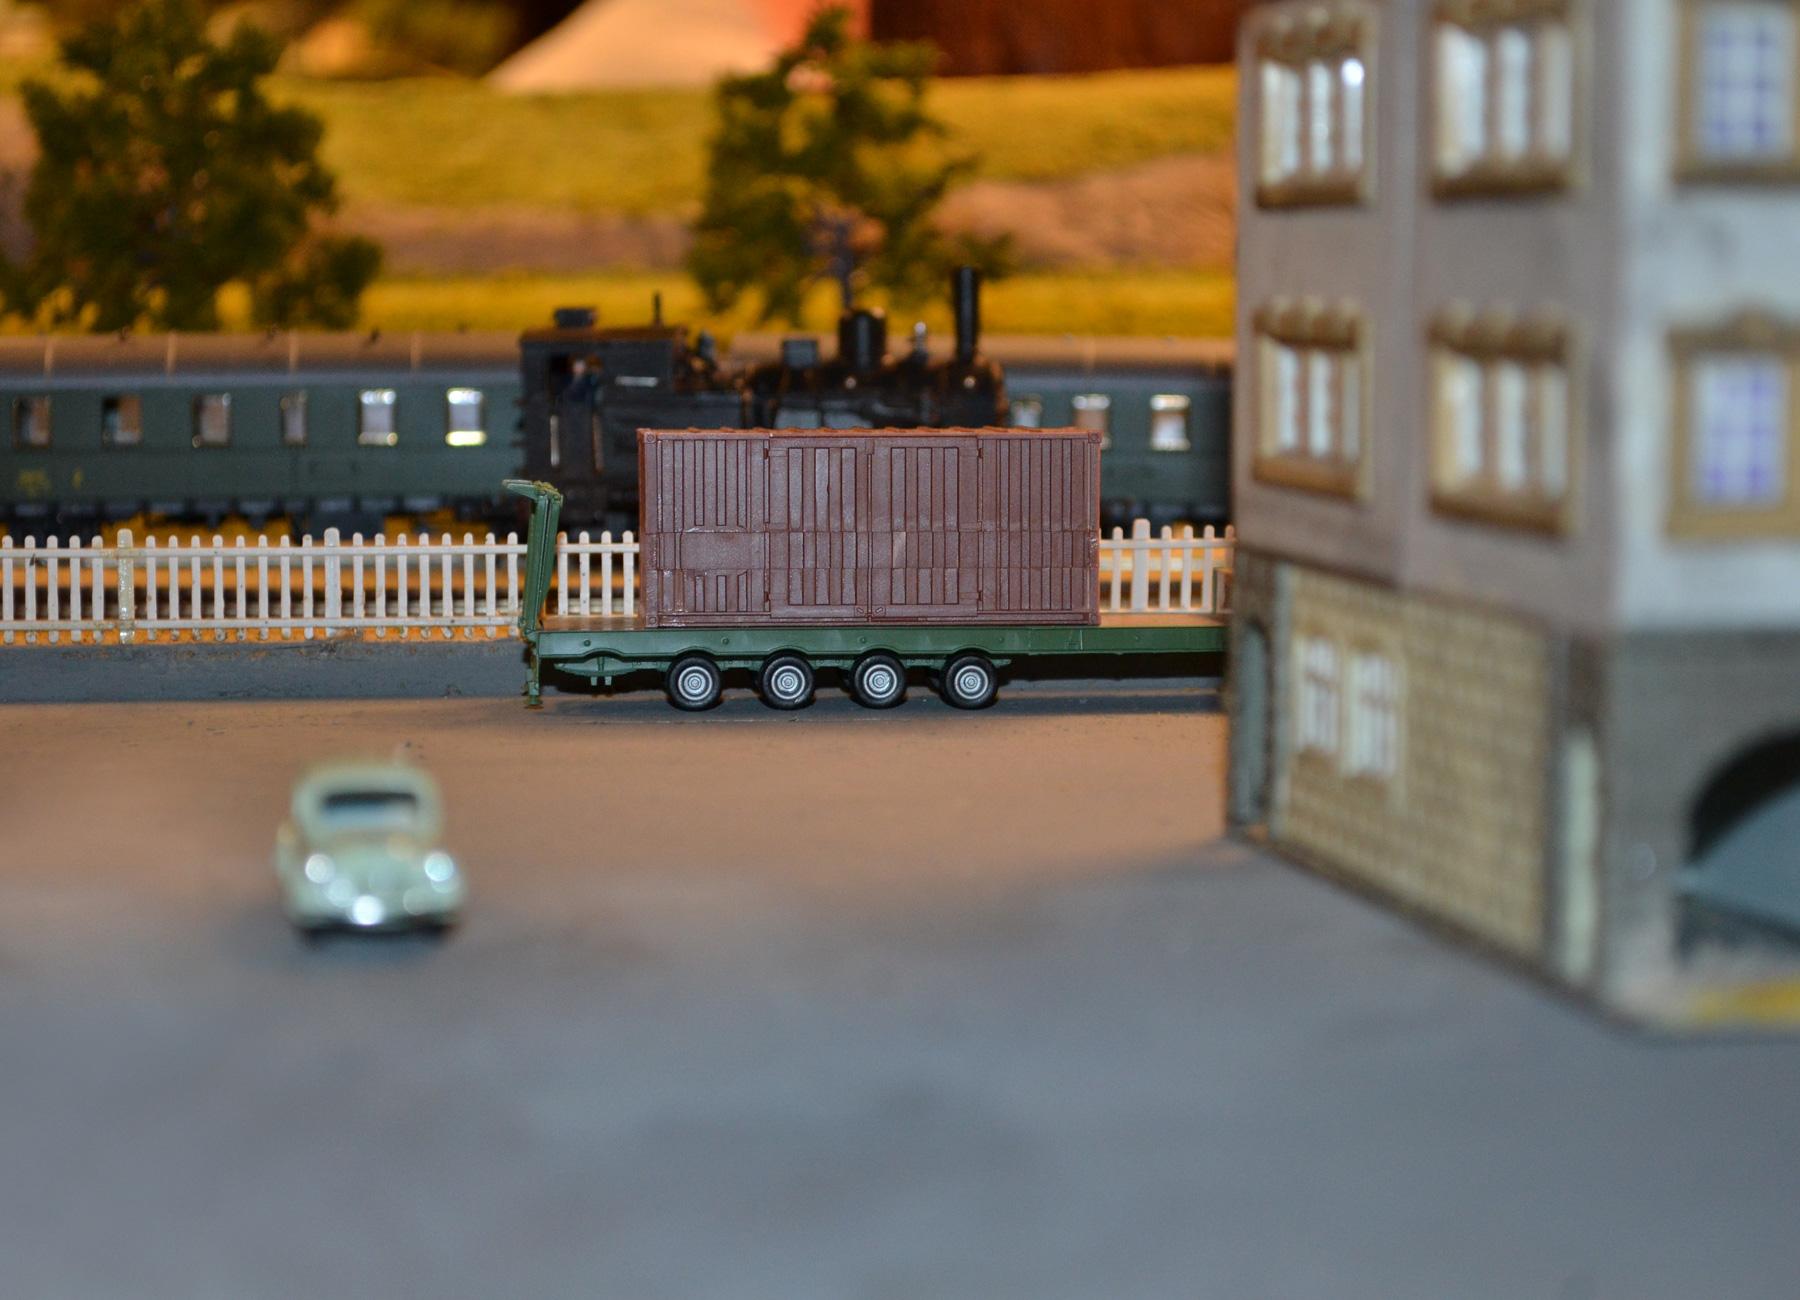 Présentation du modélisme ferroviaire